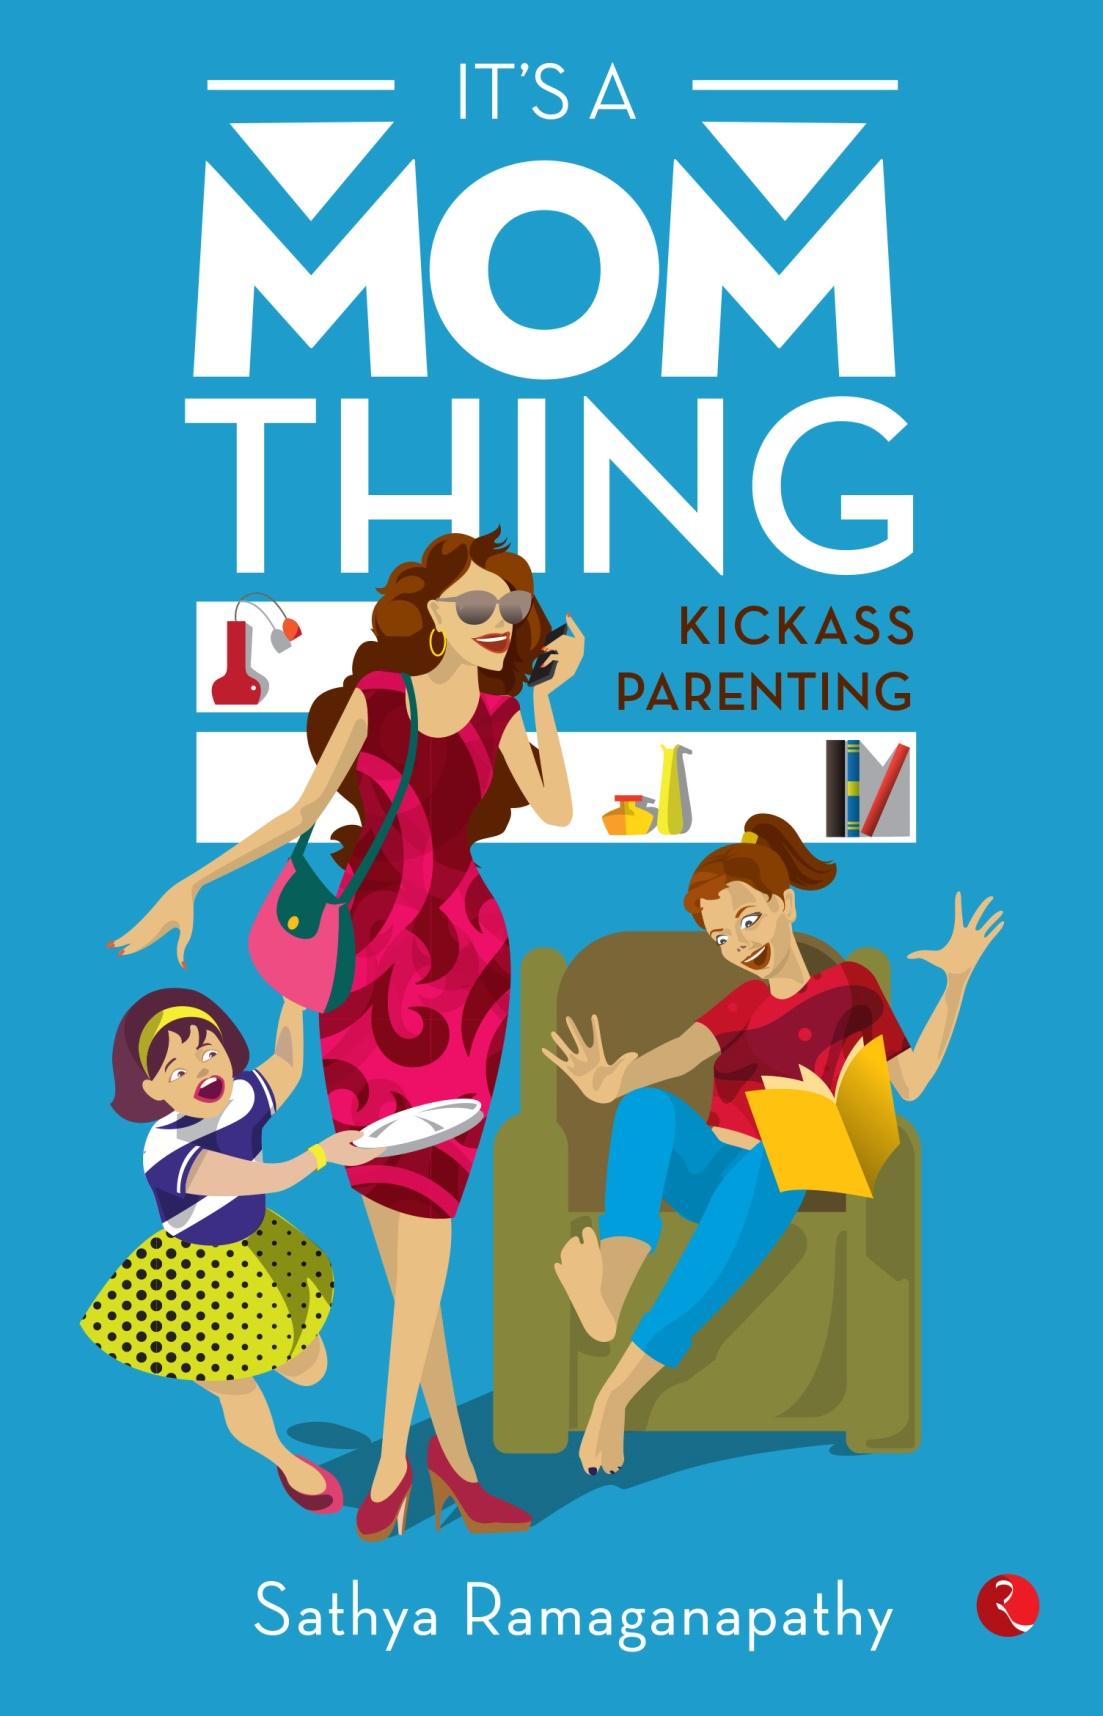 It's a Mom Things - Sathya Ramaganapathy Image